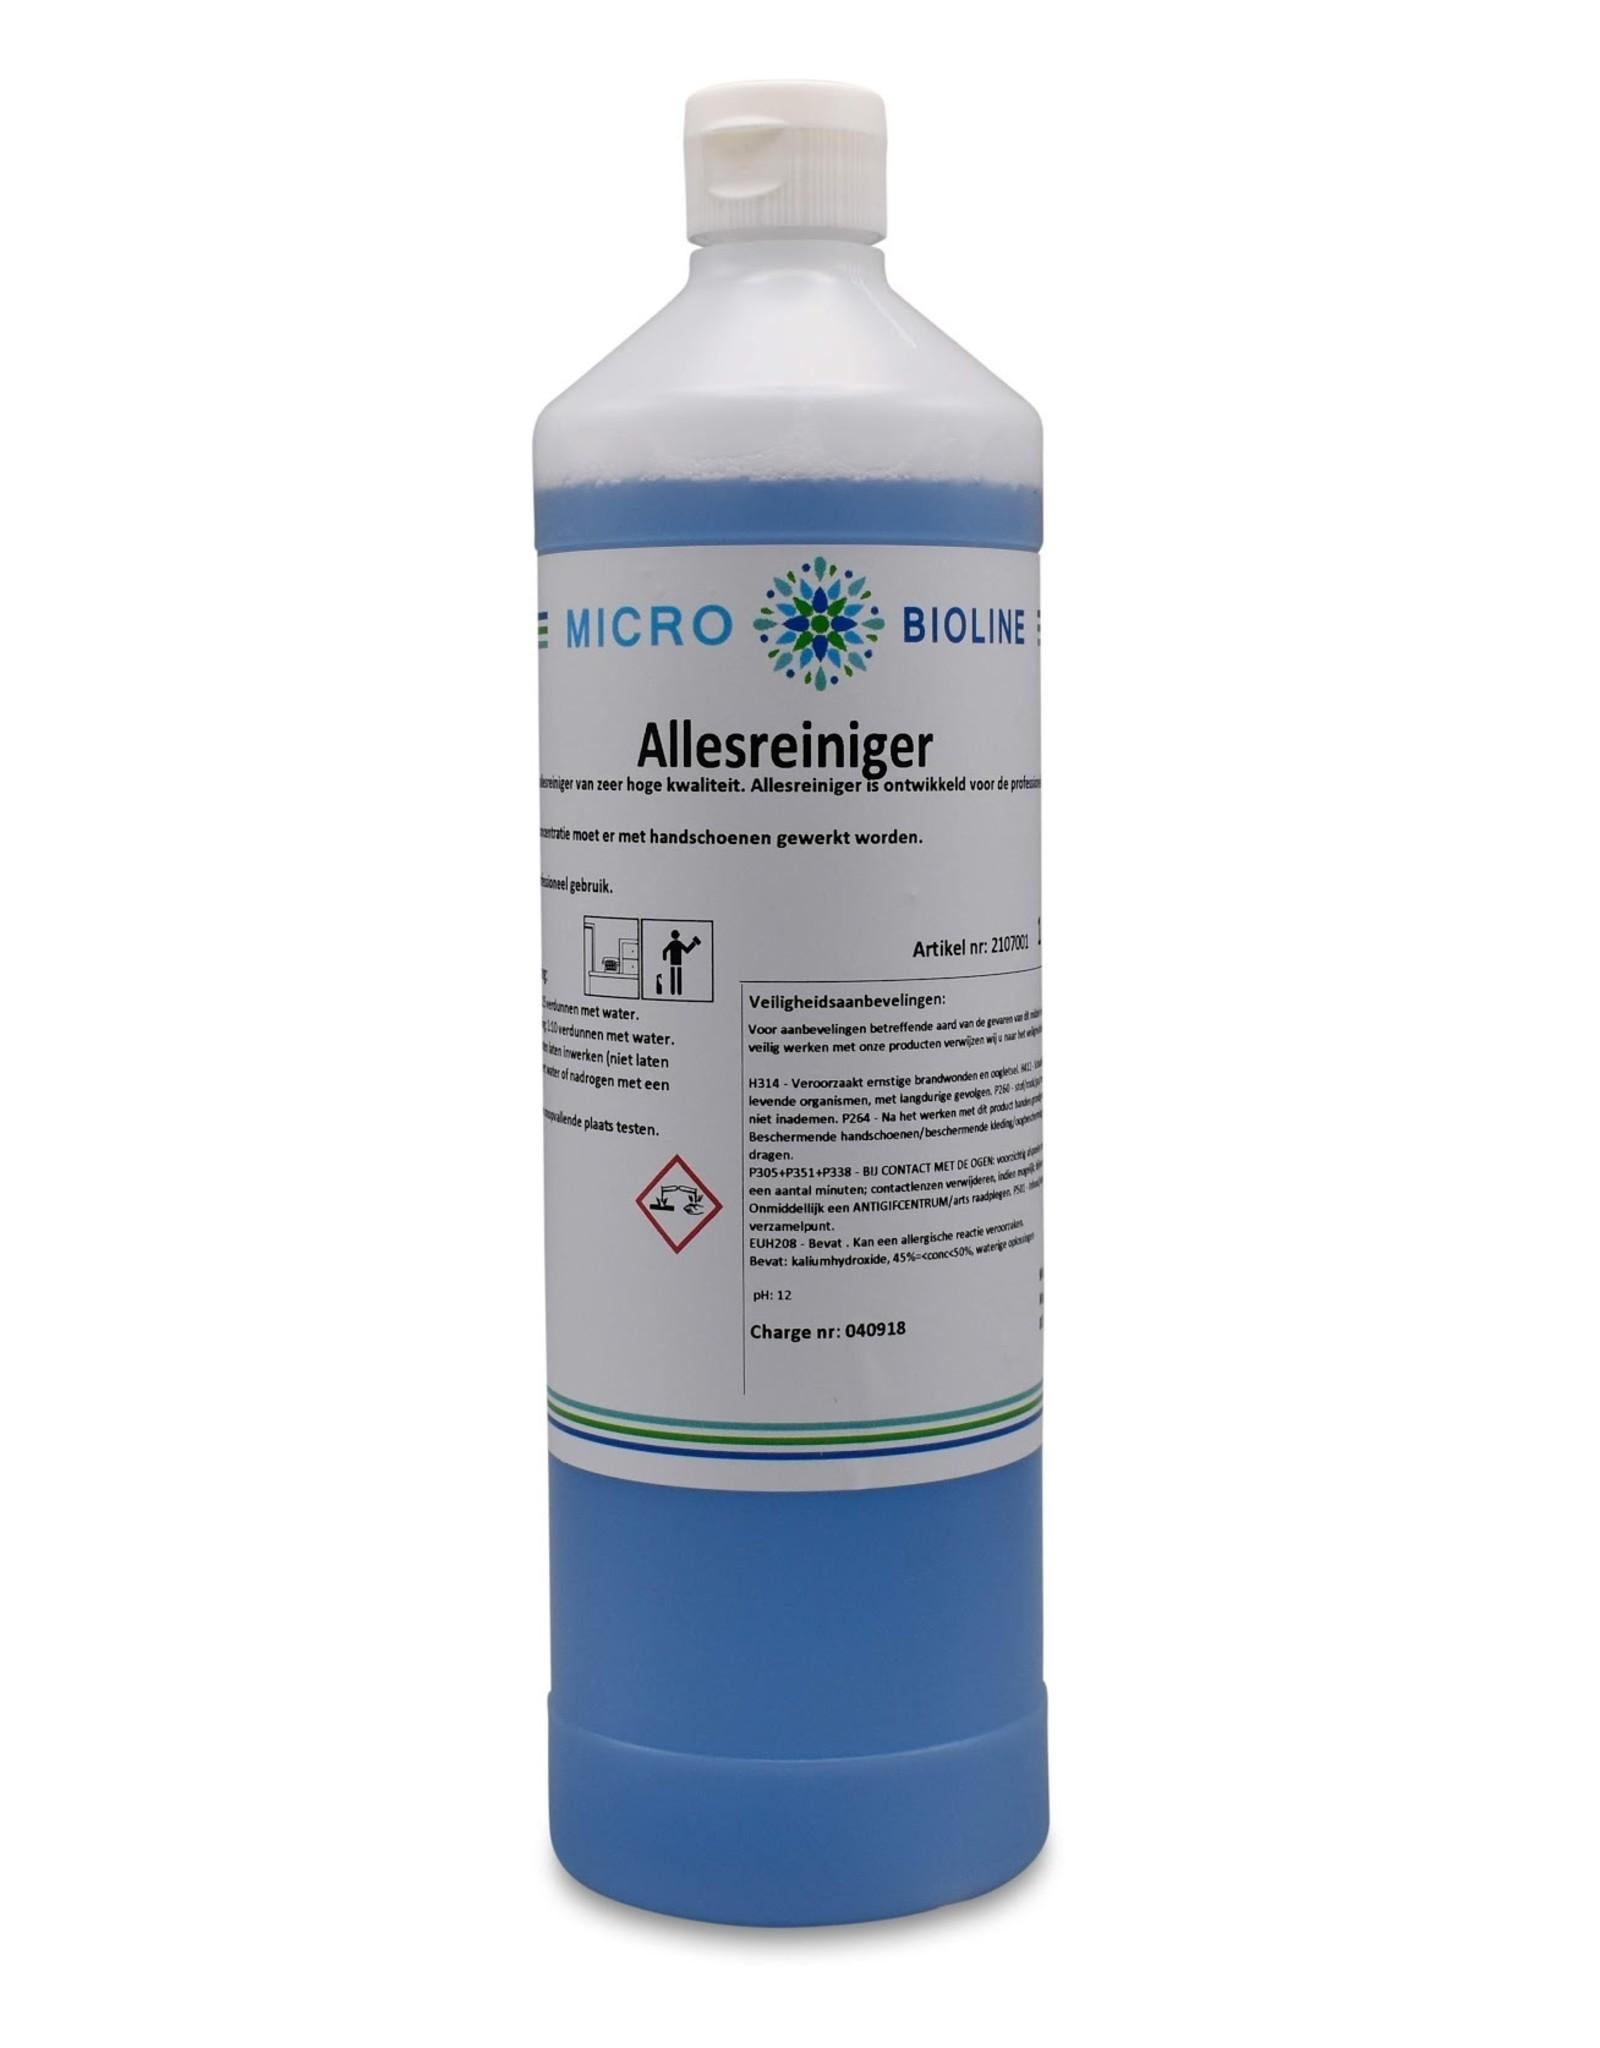 MICRO BIOLINE Allesreiniger 1 liter Flacon